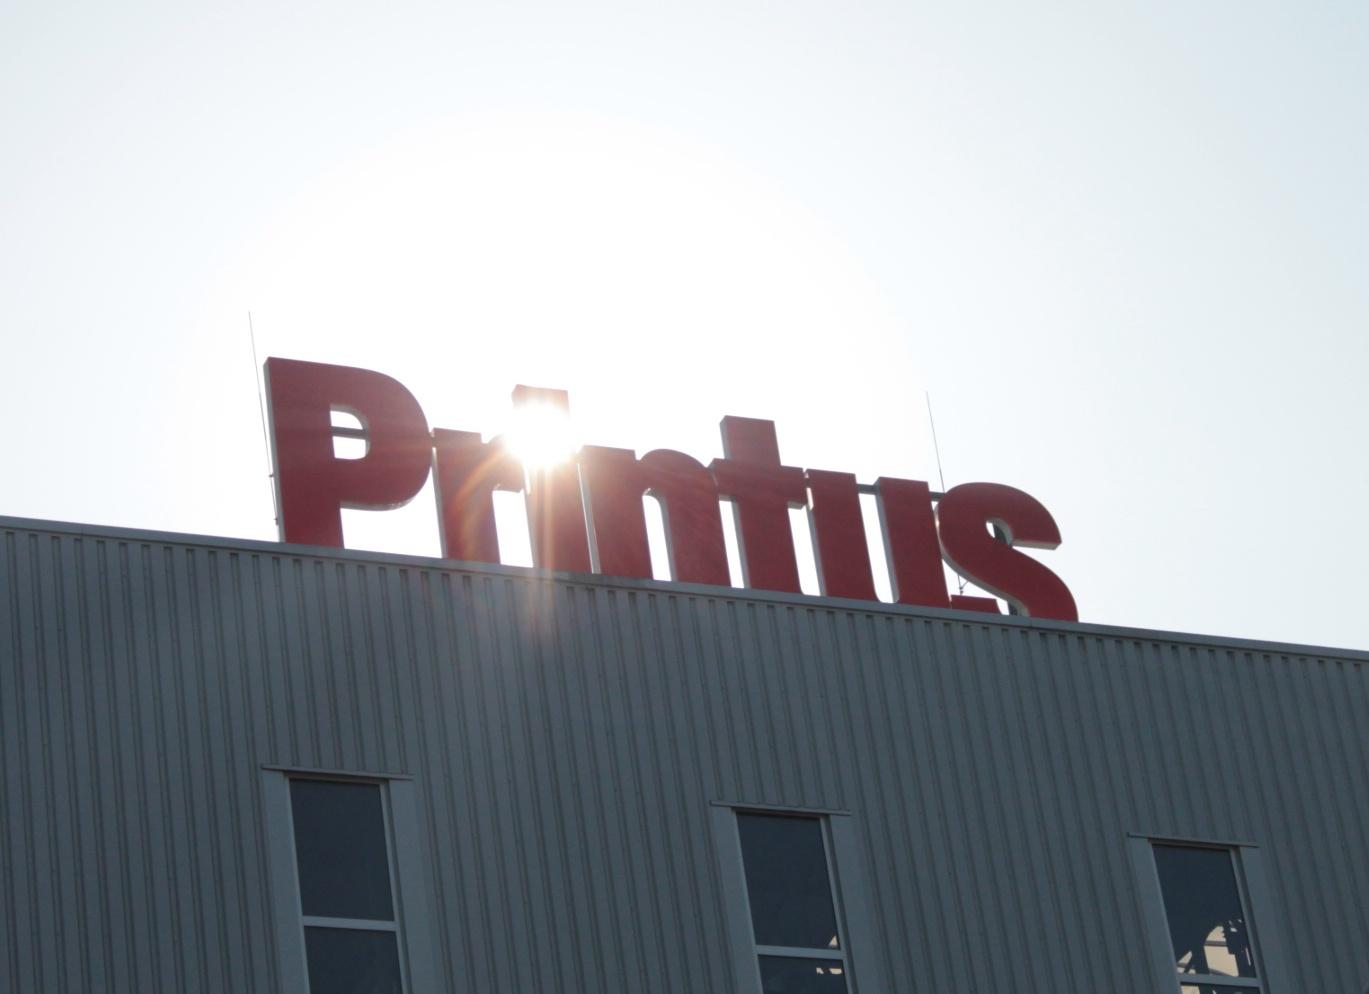 Printus gehört zu den größten Online- und Versandhändlern Deutschlands